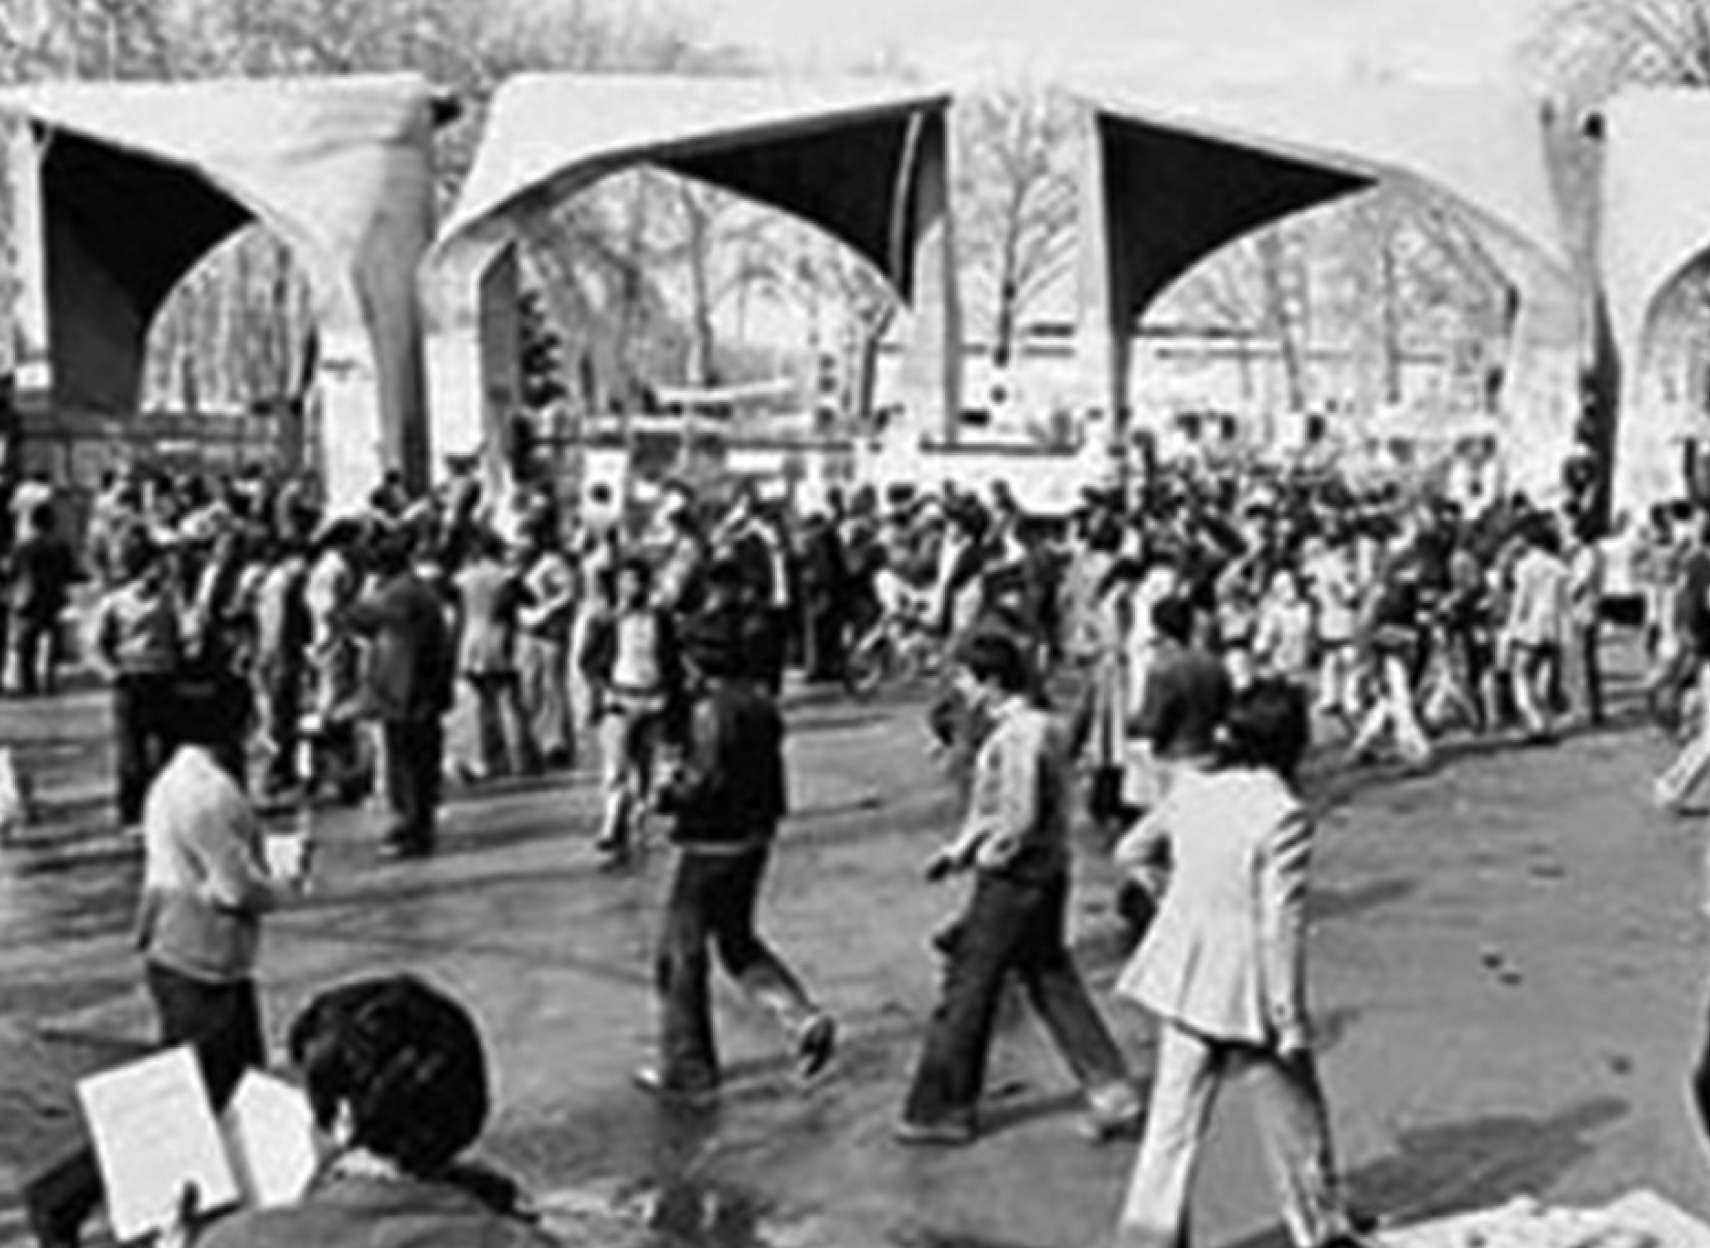 ادبیات-گلمحمدی-تاریخچه-روز-دانشجو-در-ایران